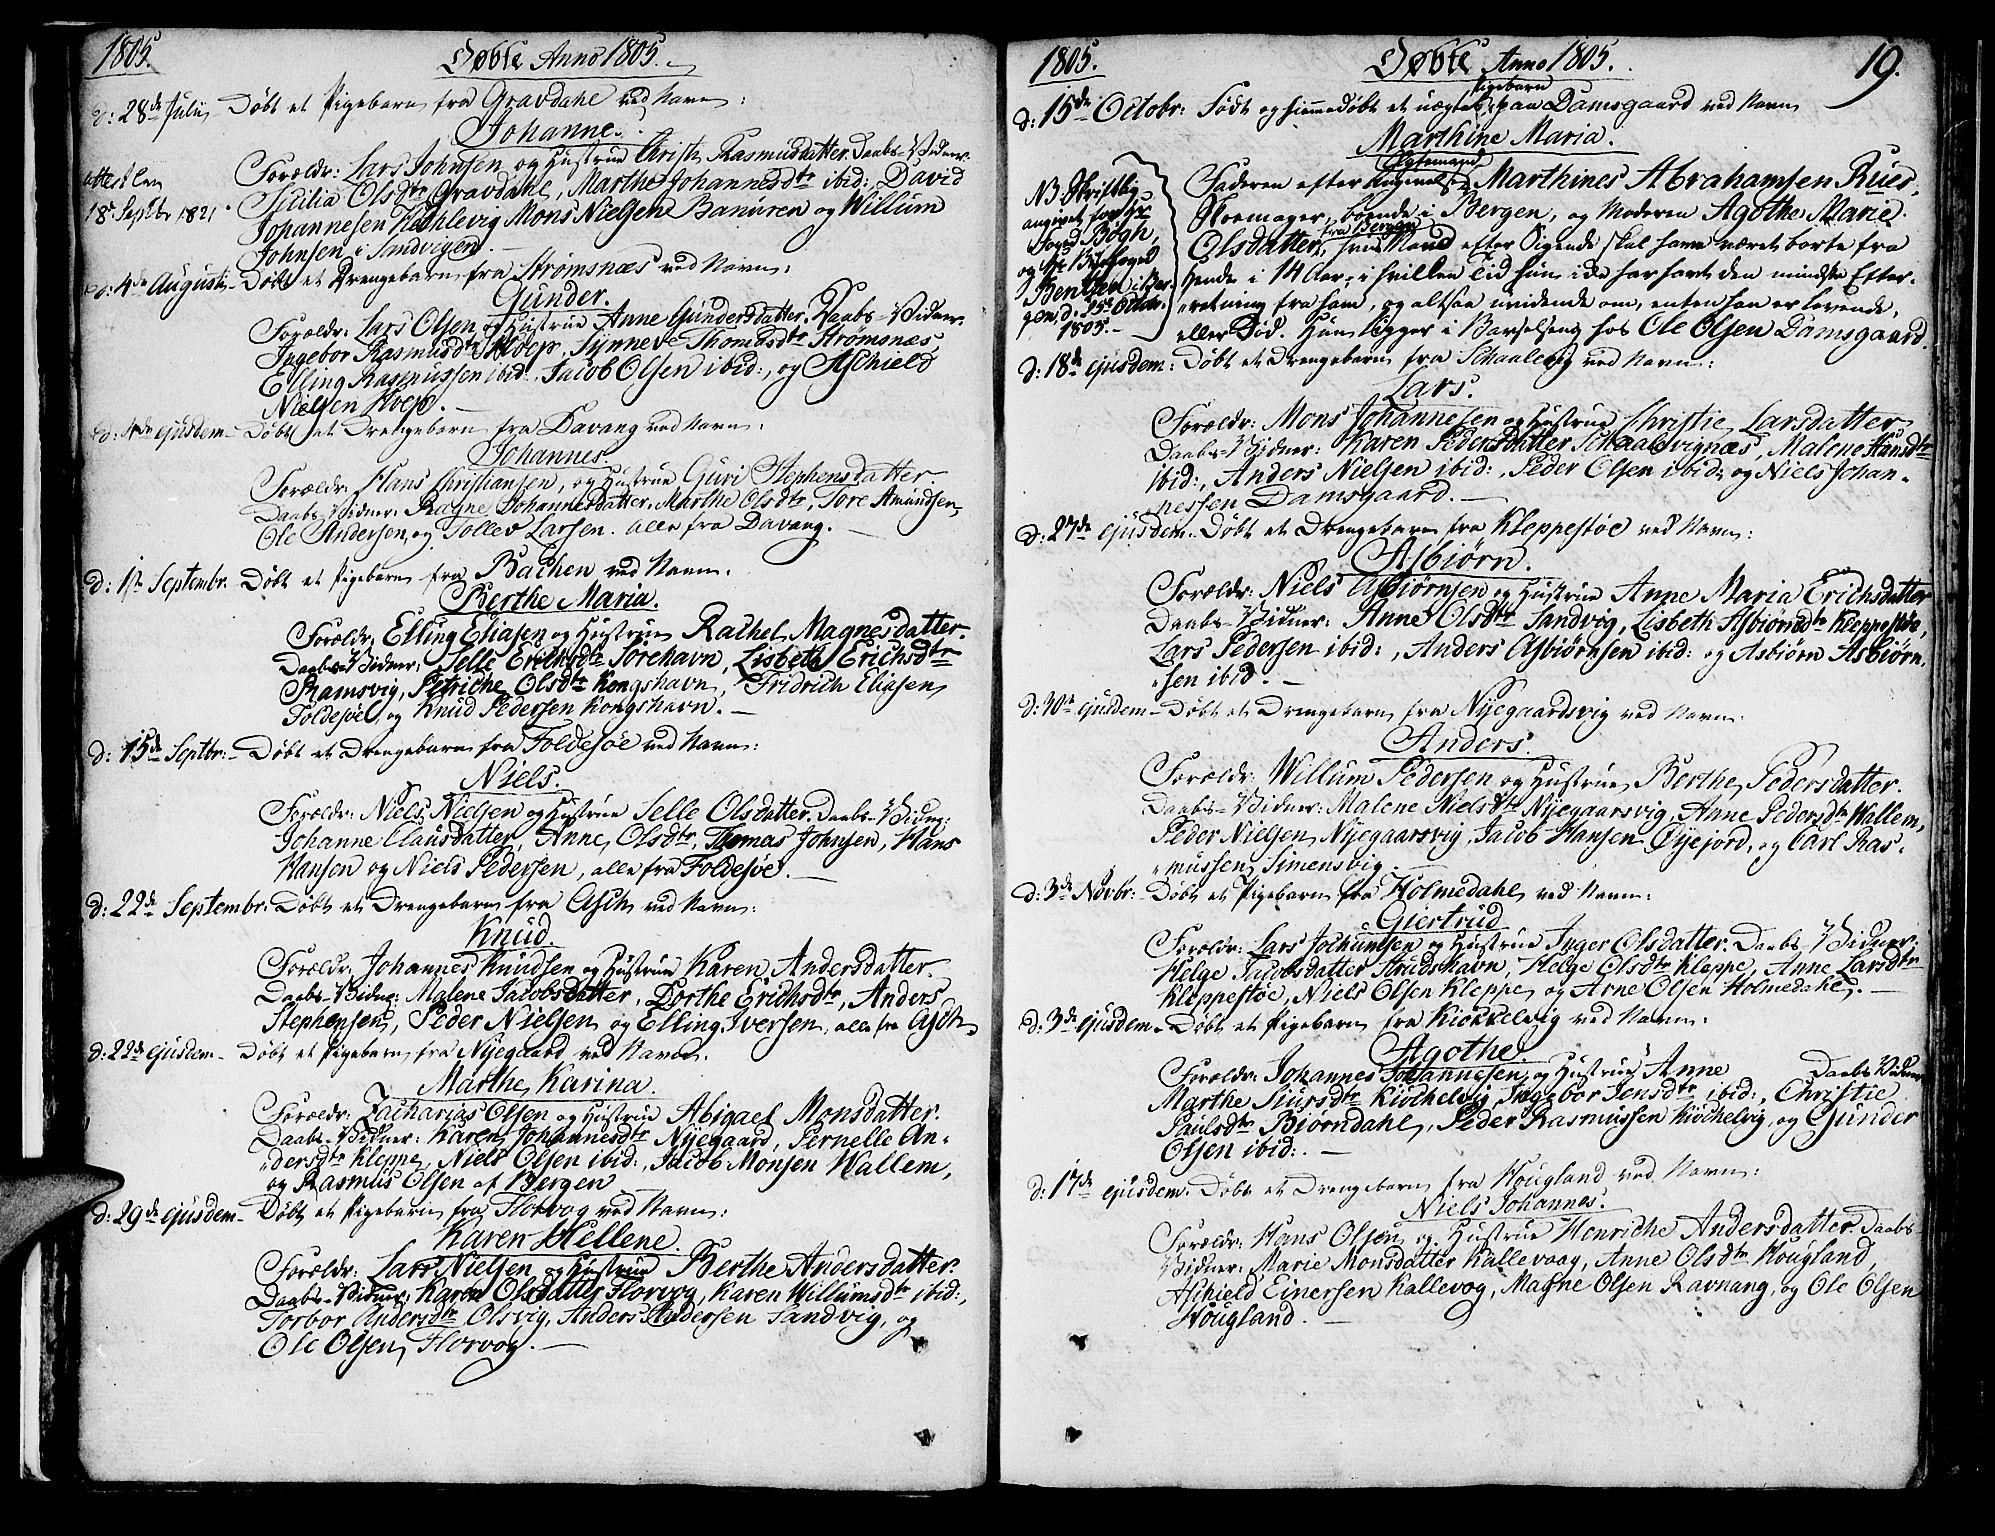 SAB, Askøy Sokneprestembete, H/Ha/Haa/Haaa/L0002: Ministerialbok nr. A 2, 1801-1818, s. 19